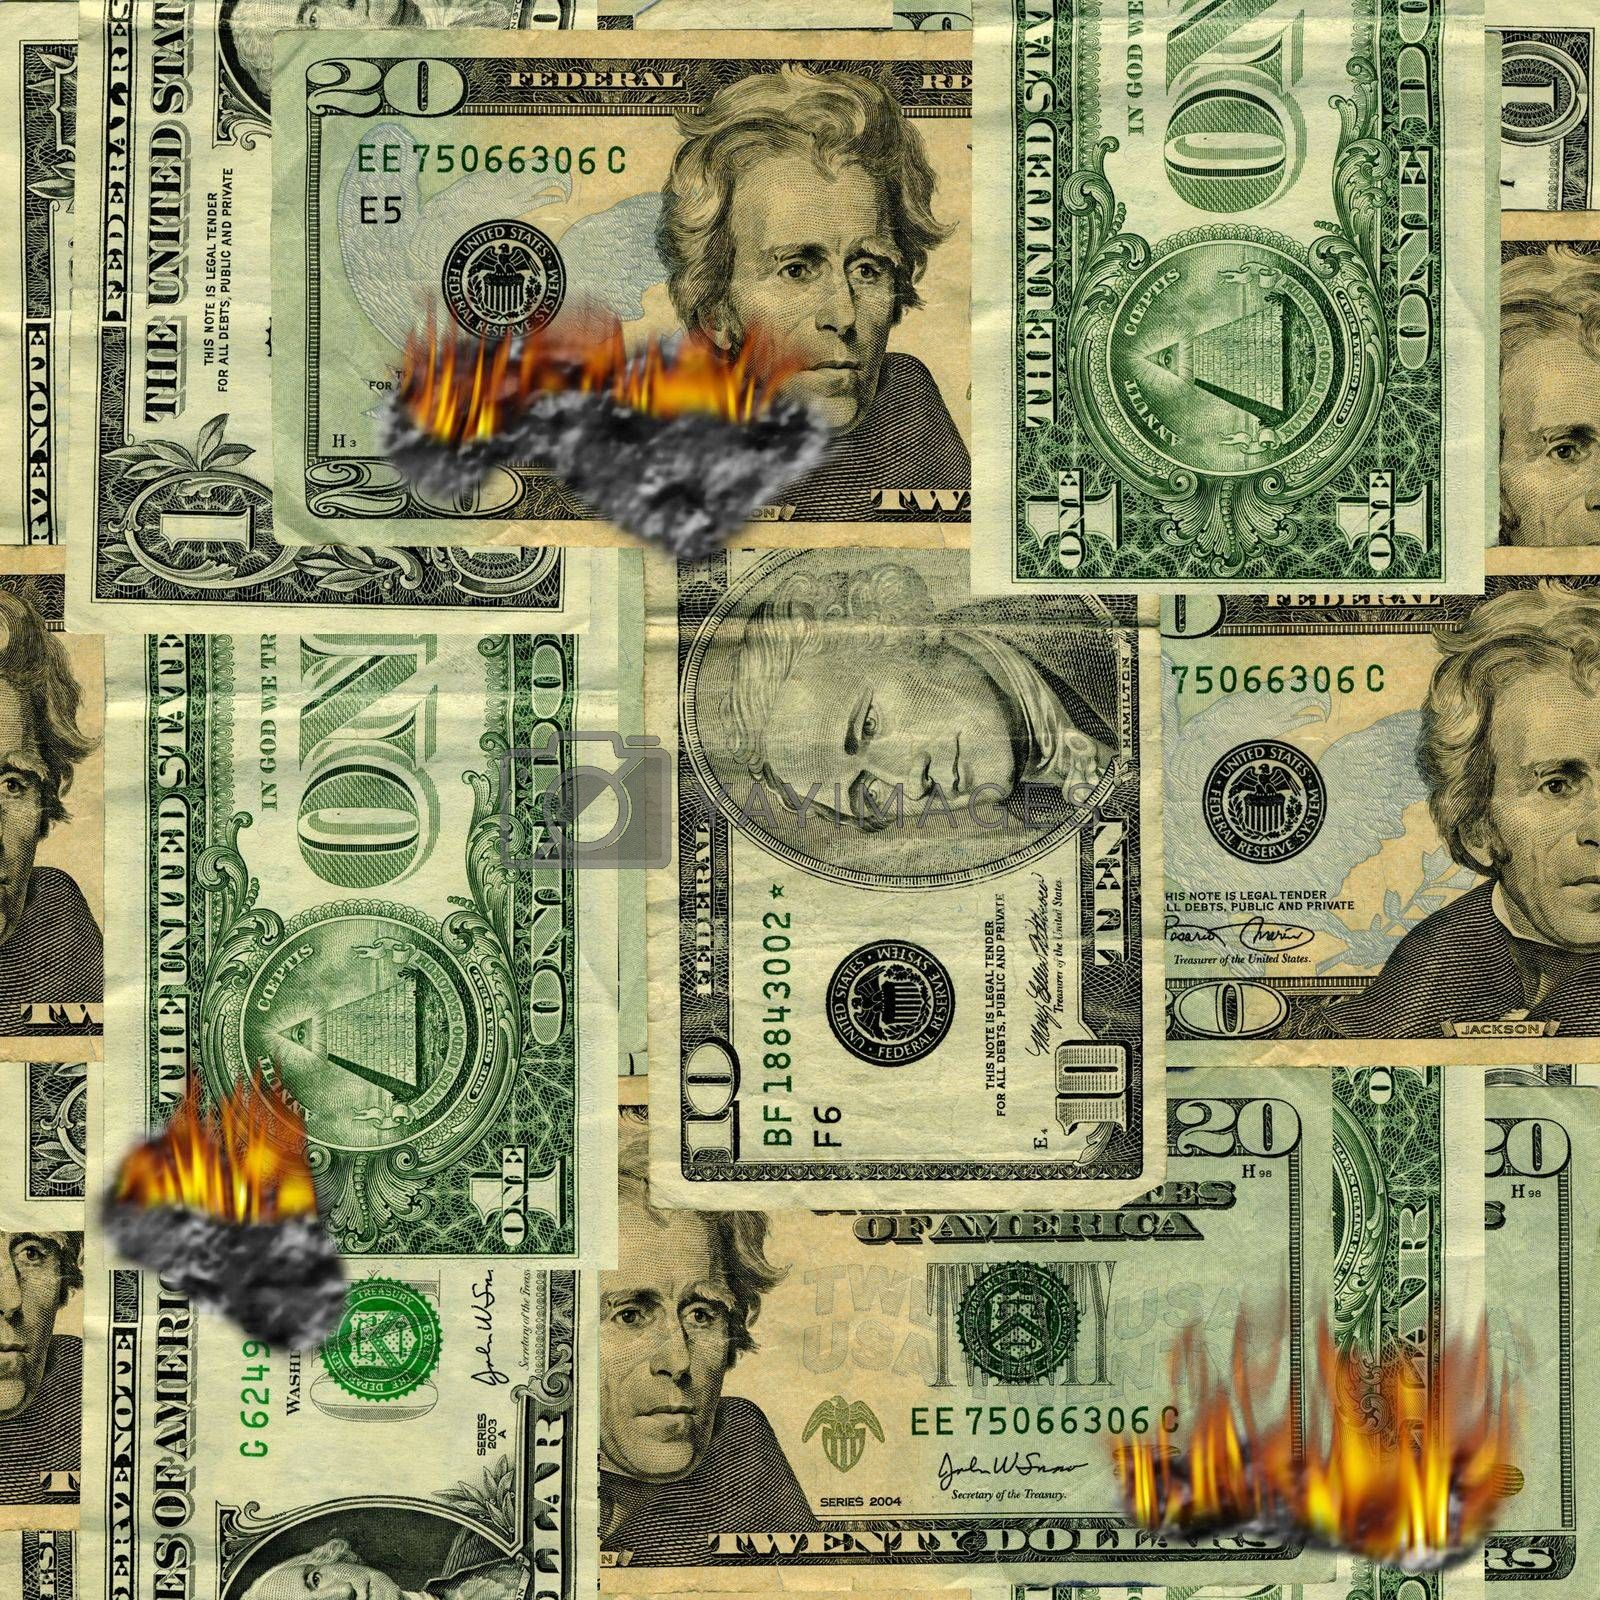 Burning US dollars bills pattern